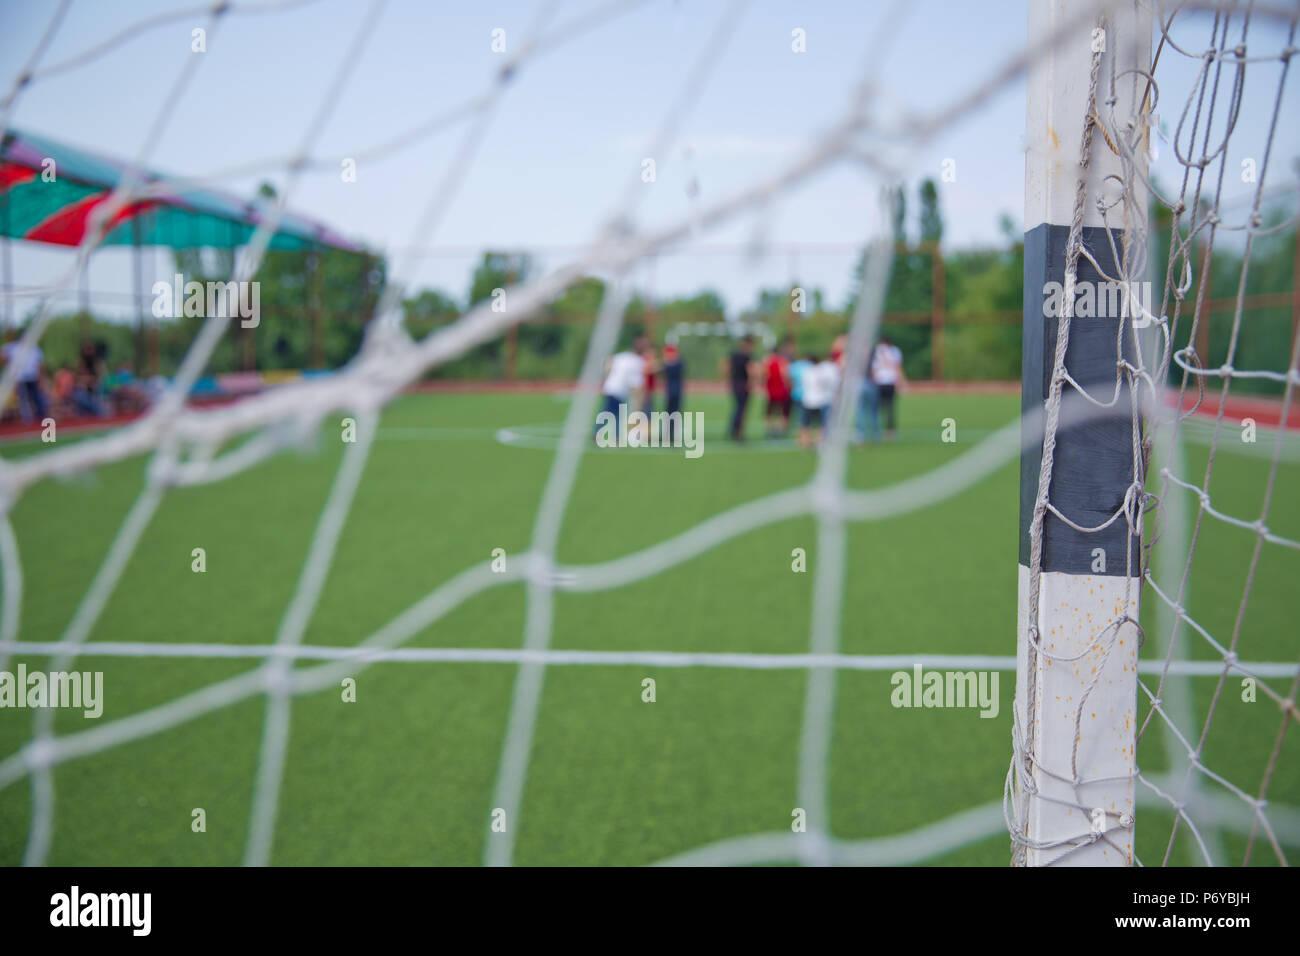 Mini Fútbol objetivo sobre un césped artificial . Fútbol jugadores ... bc5a92f28c50f